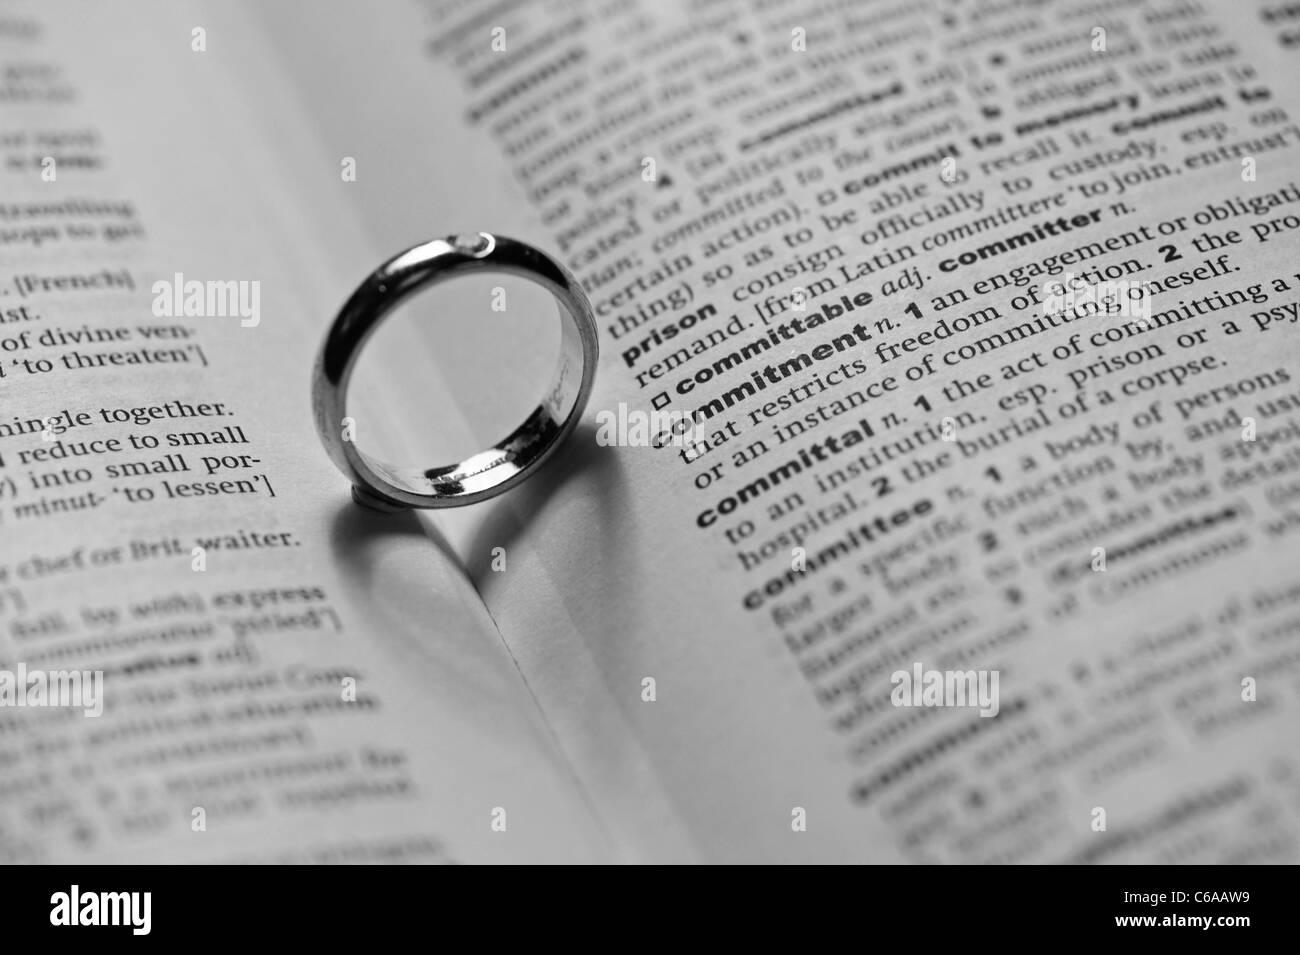 Amor y Compromiso - Imagen conceptual de un anillo de bodas colocados por la palabra compromiso. La sombra constituye Imagen De Stock